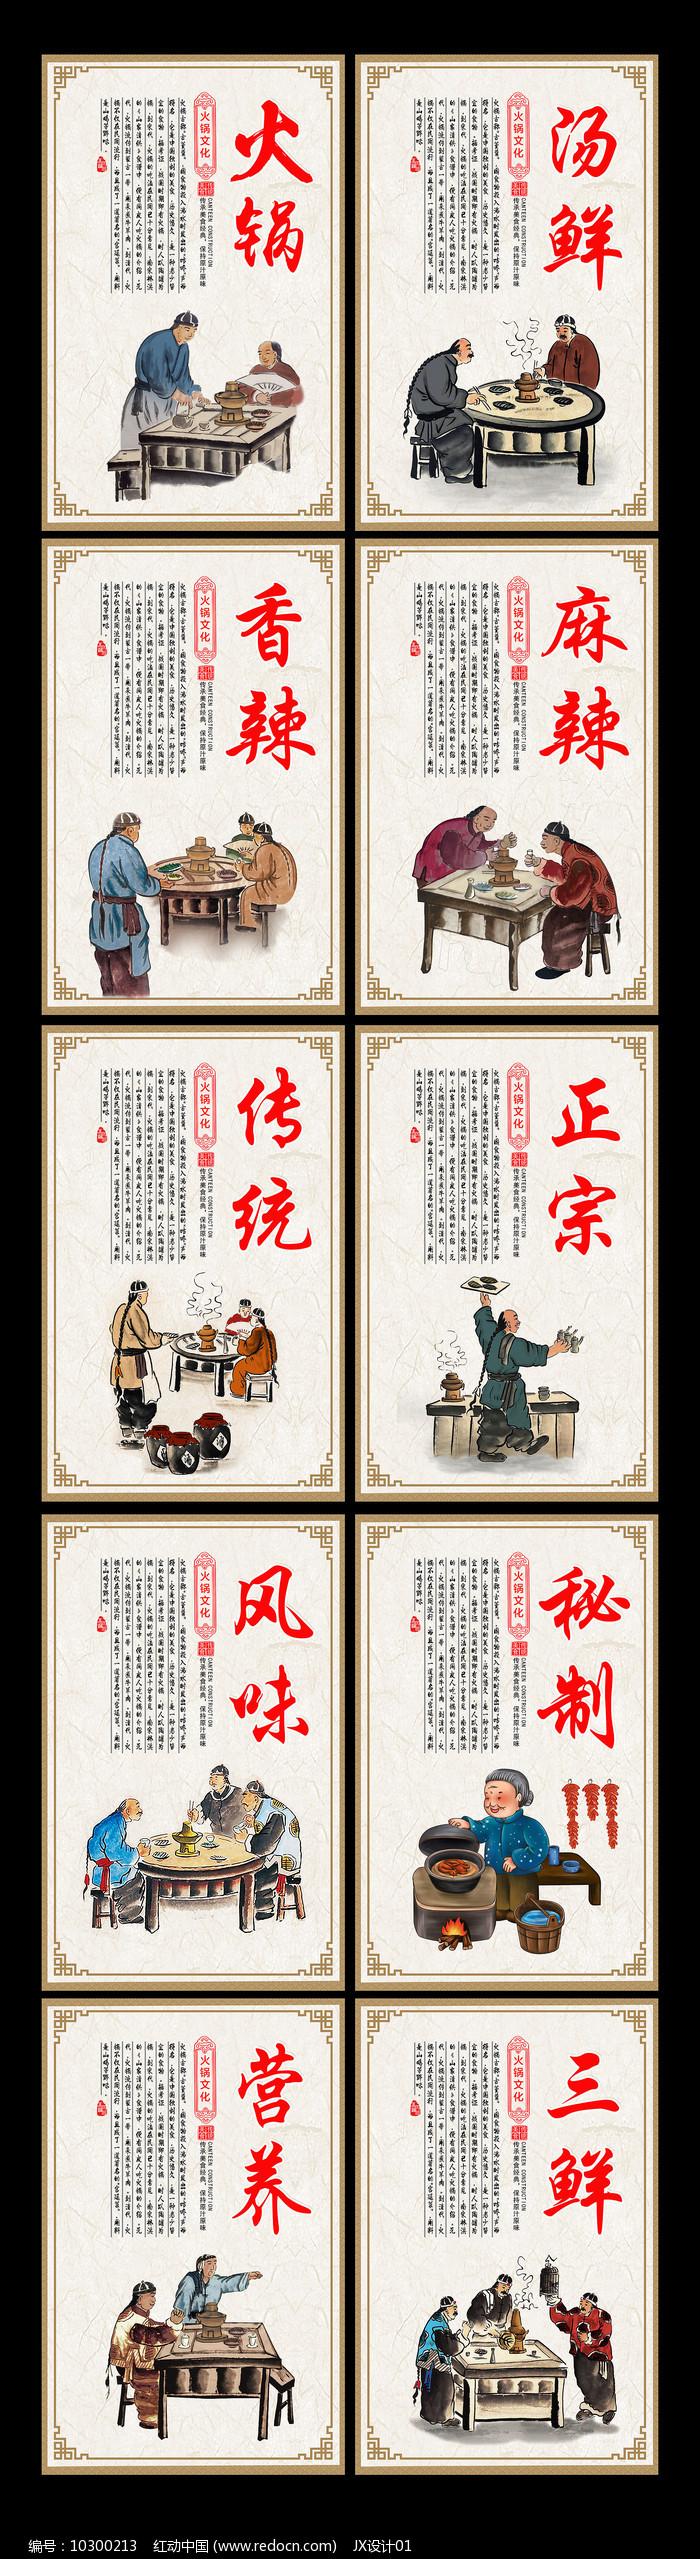 美味火锅宣传展板图片